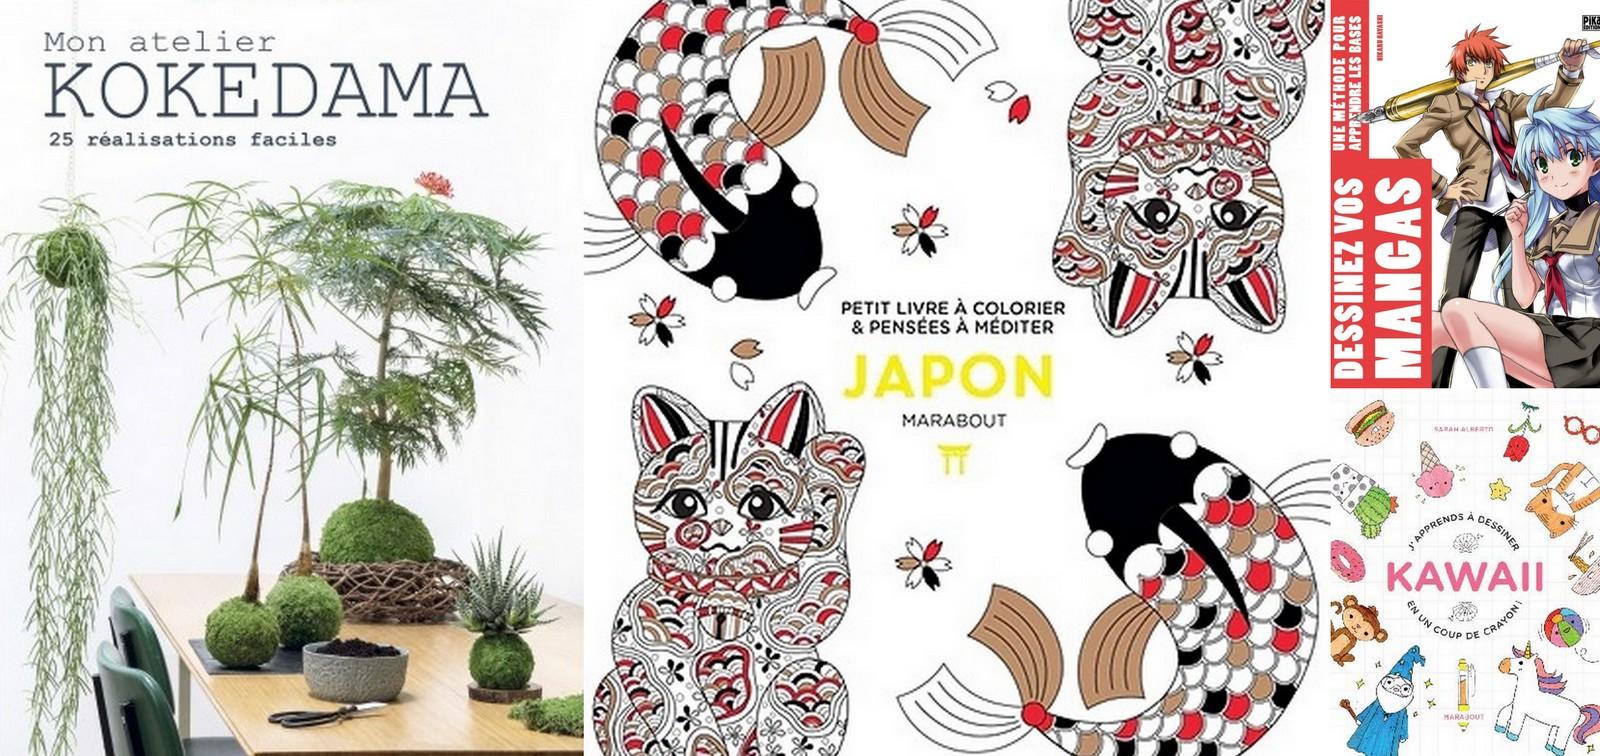 Vacances Ponts Et Si On Créait Japonais